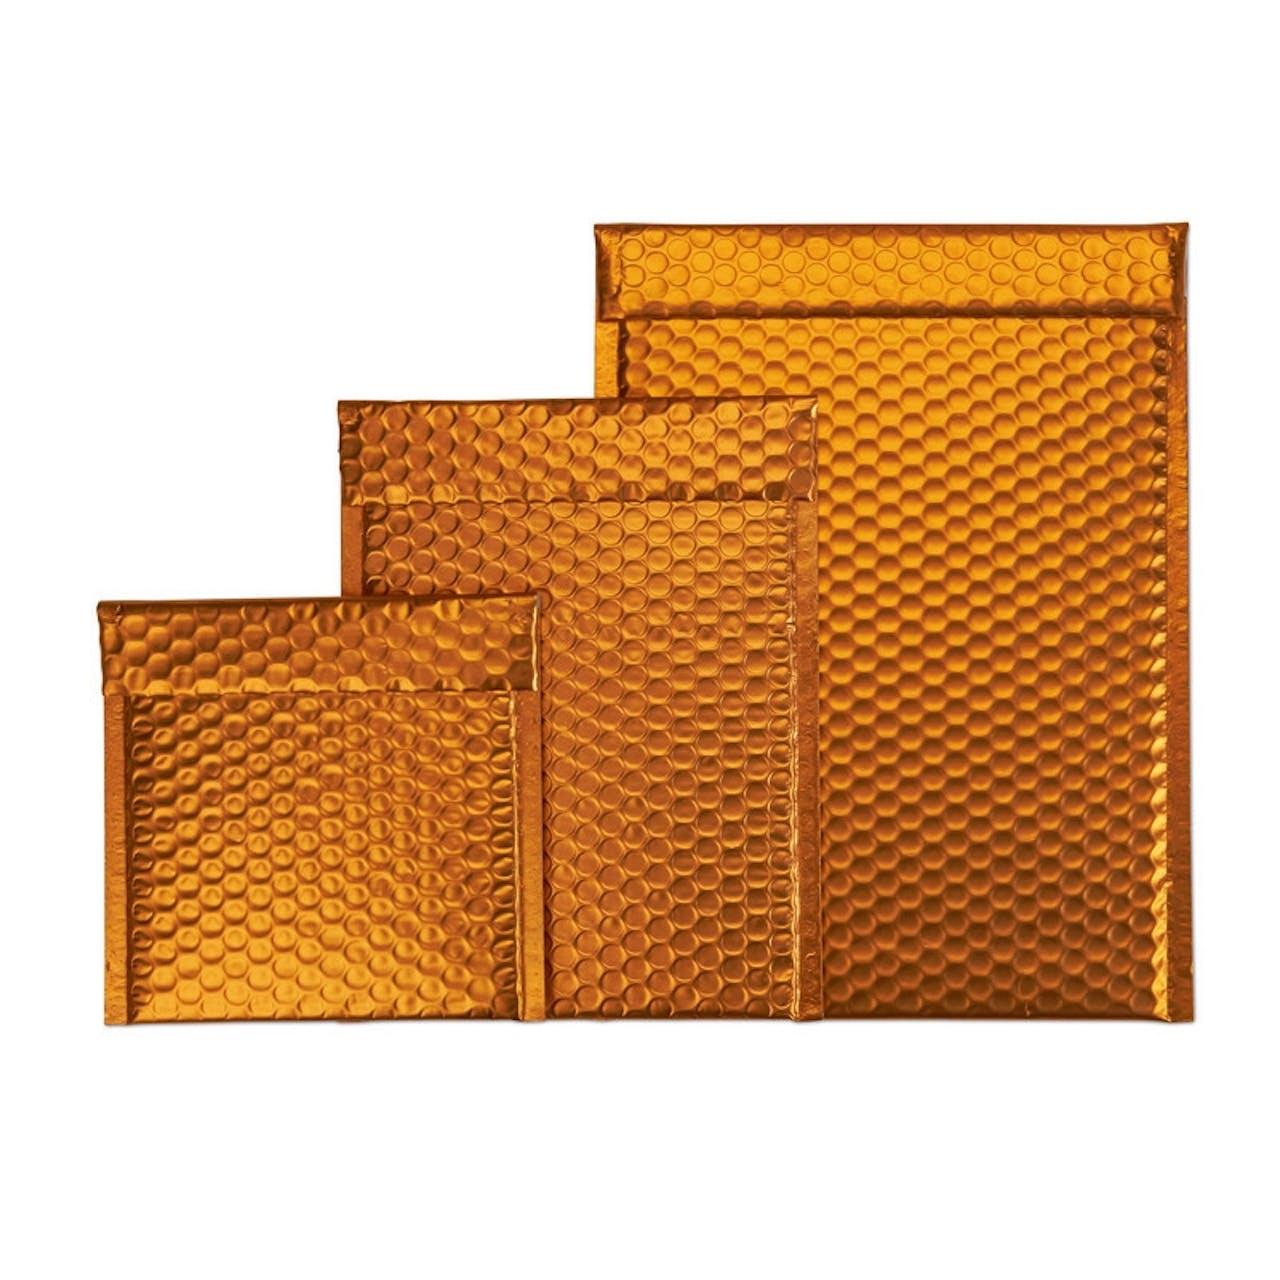 Luftpolster-Geschenktasche orange, VAR: lg02-19